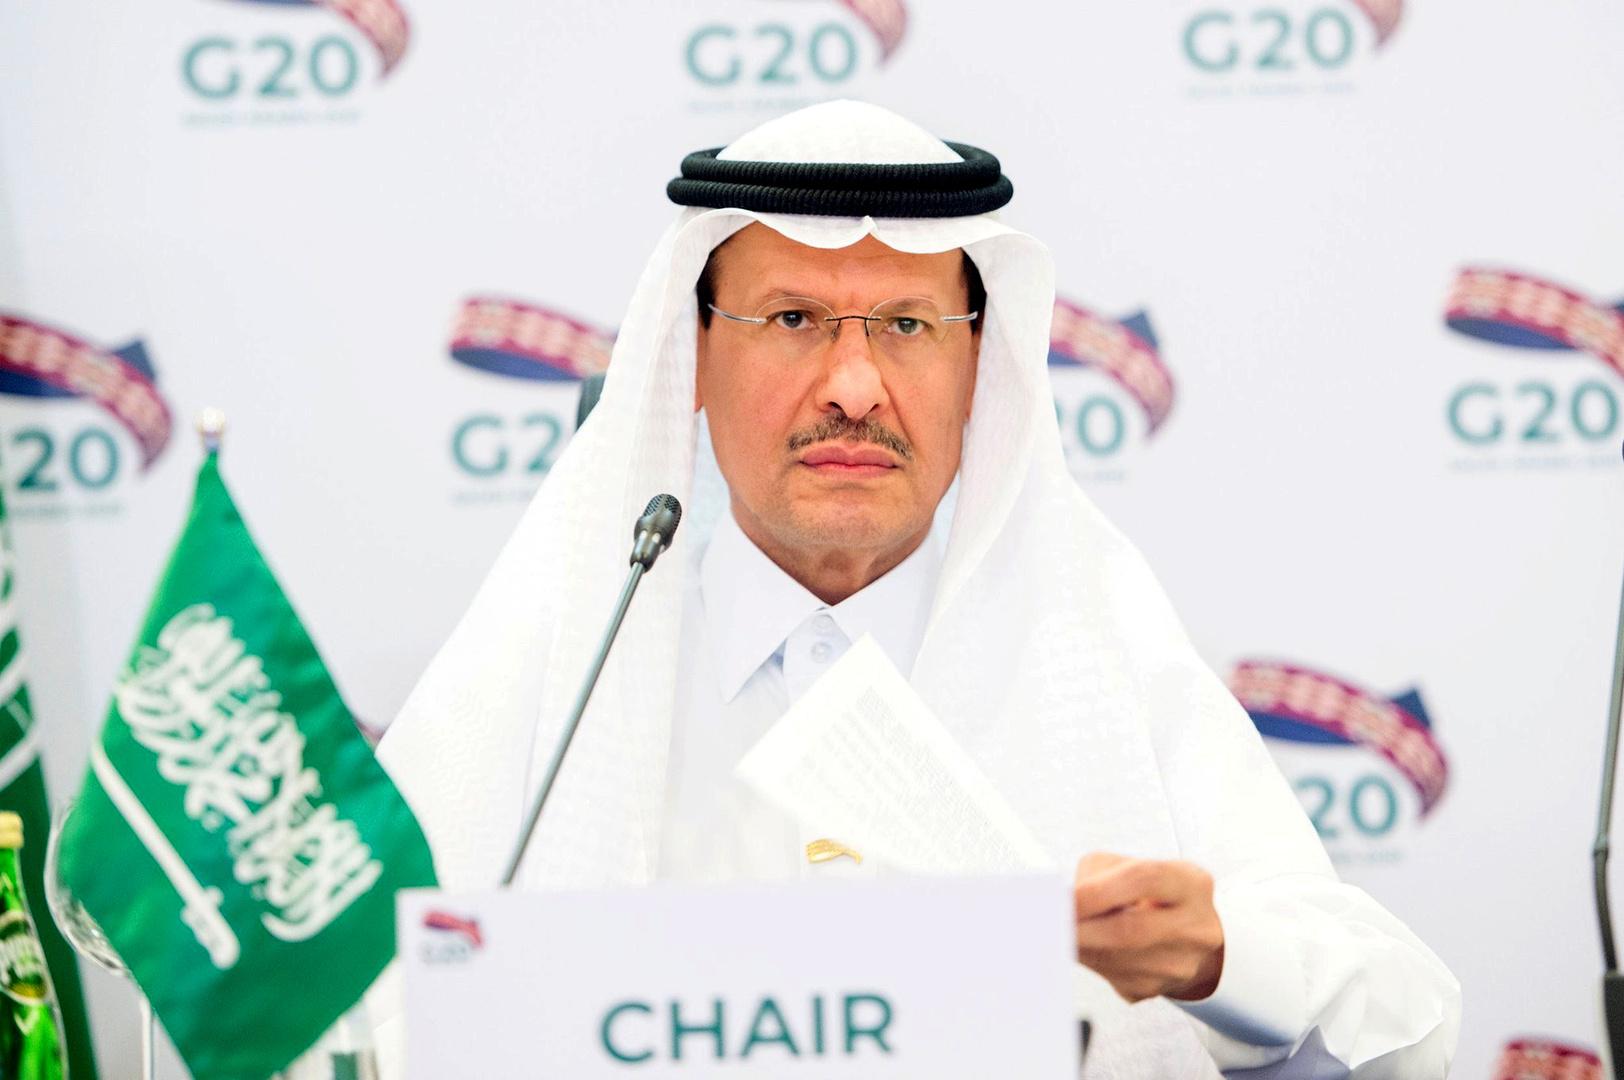 وزير الطاقة السعودي: نتحرك صوبالمرحلة القادمة من اتفاق خفض إنتاج النفط